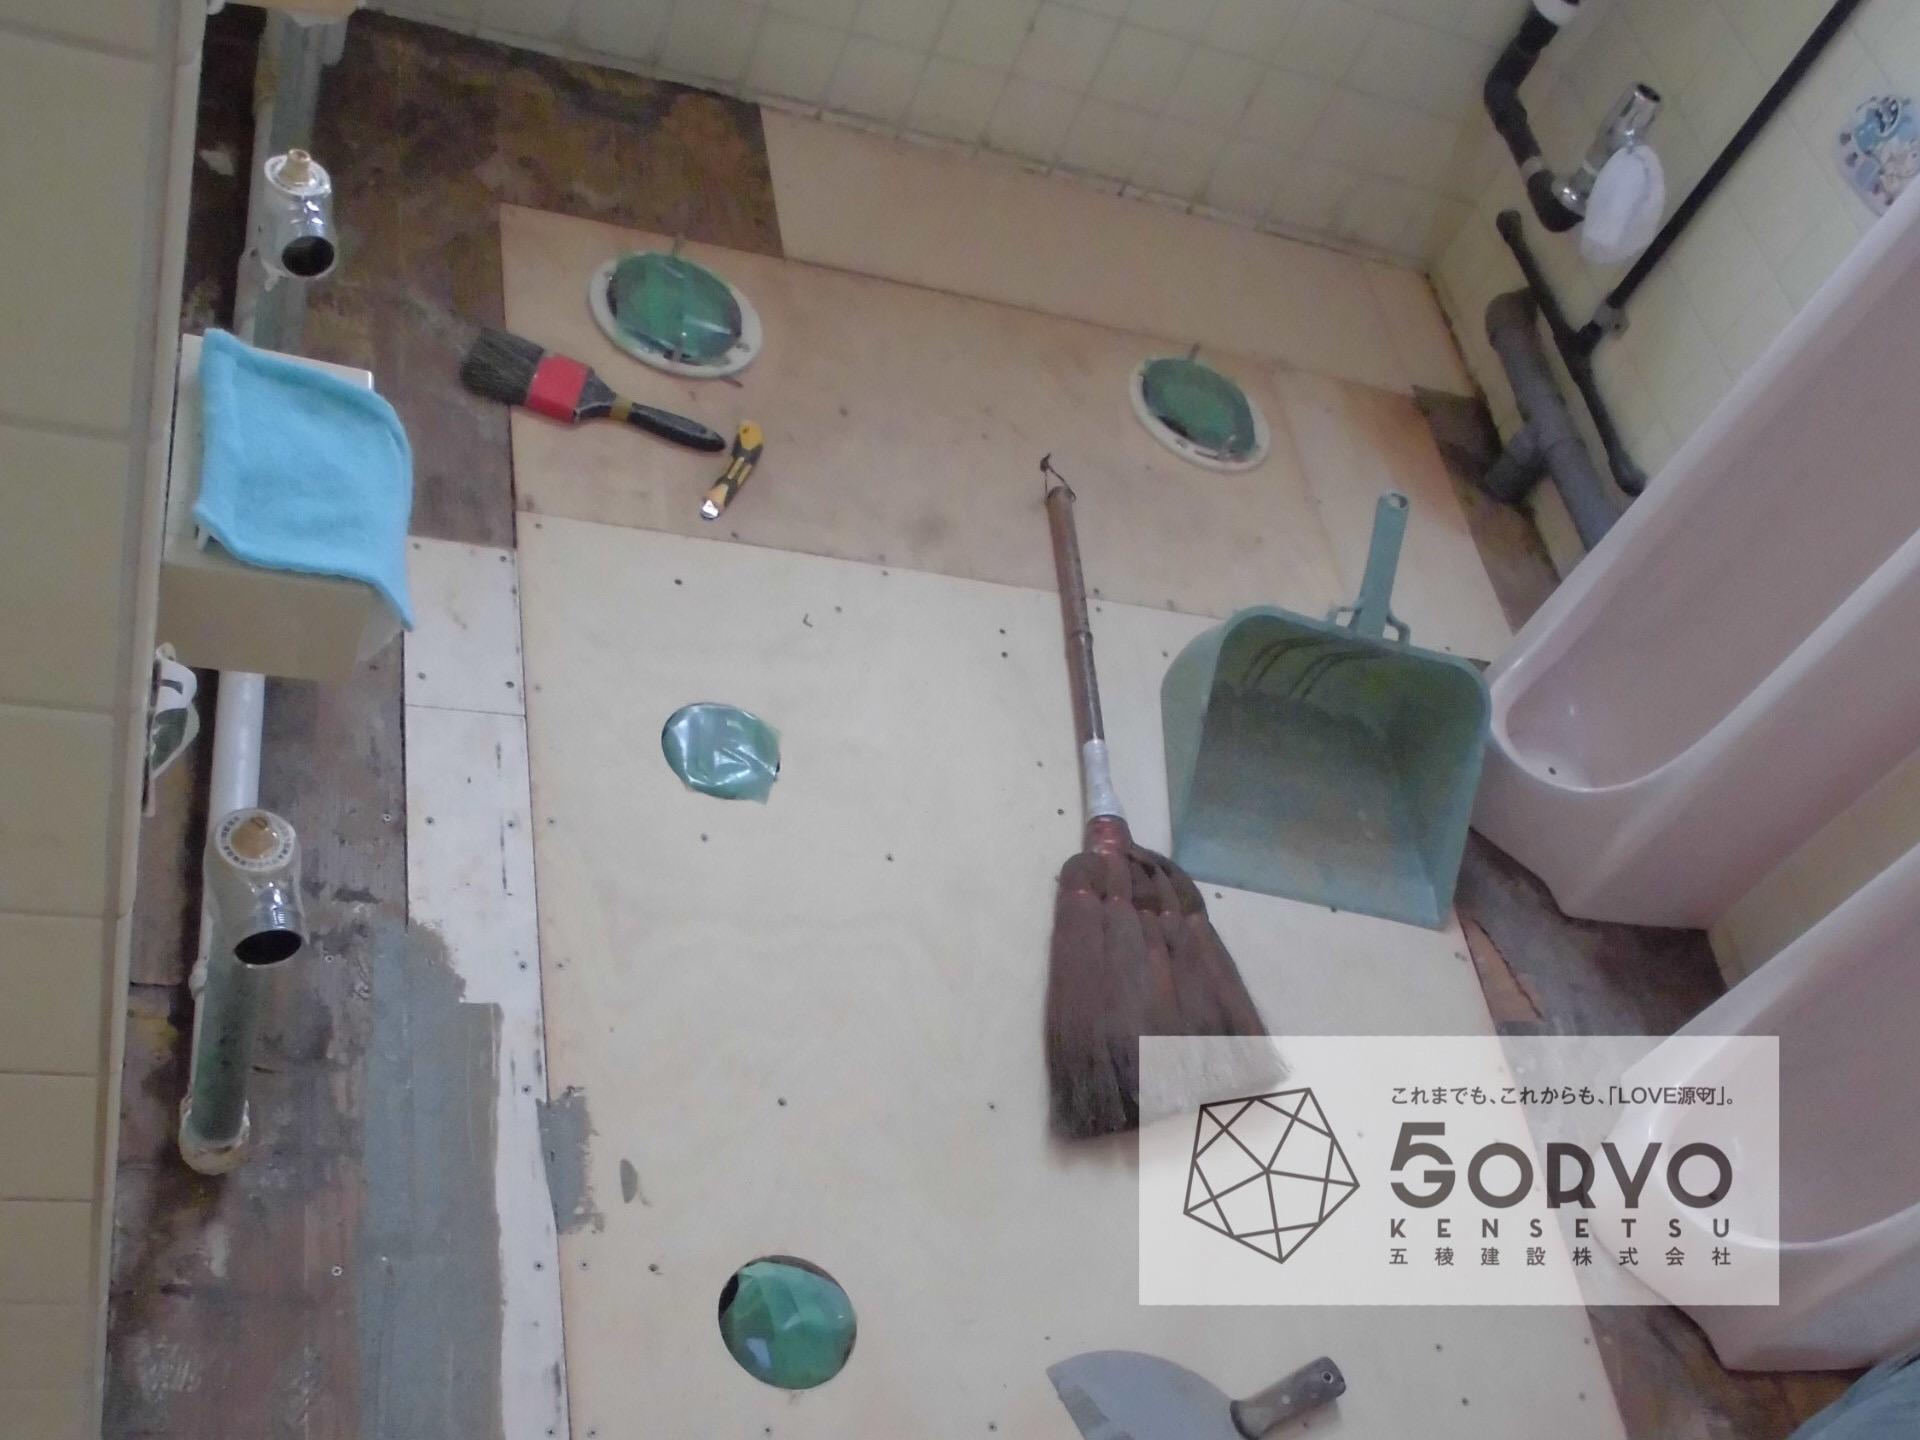 千葉市若葉区・M保育園 乳児トイレ修繕工事:施工前